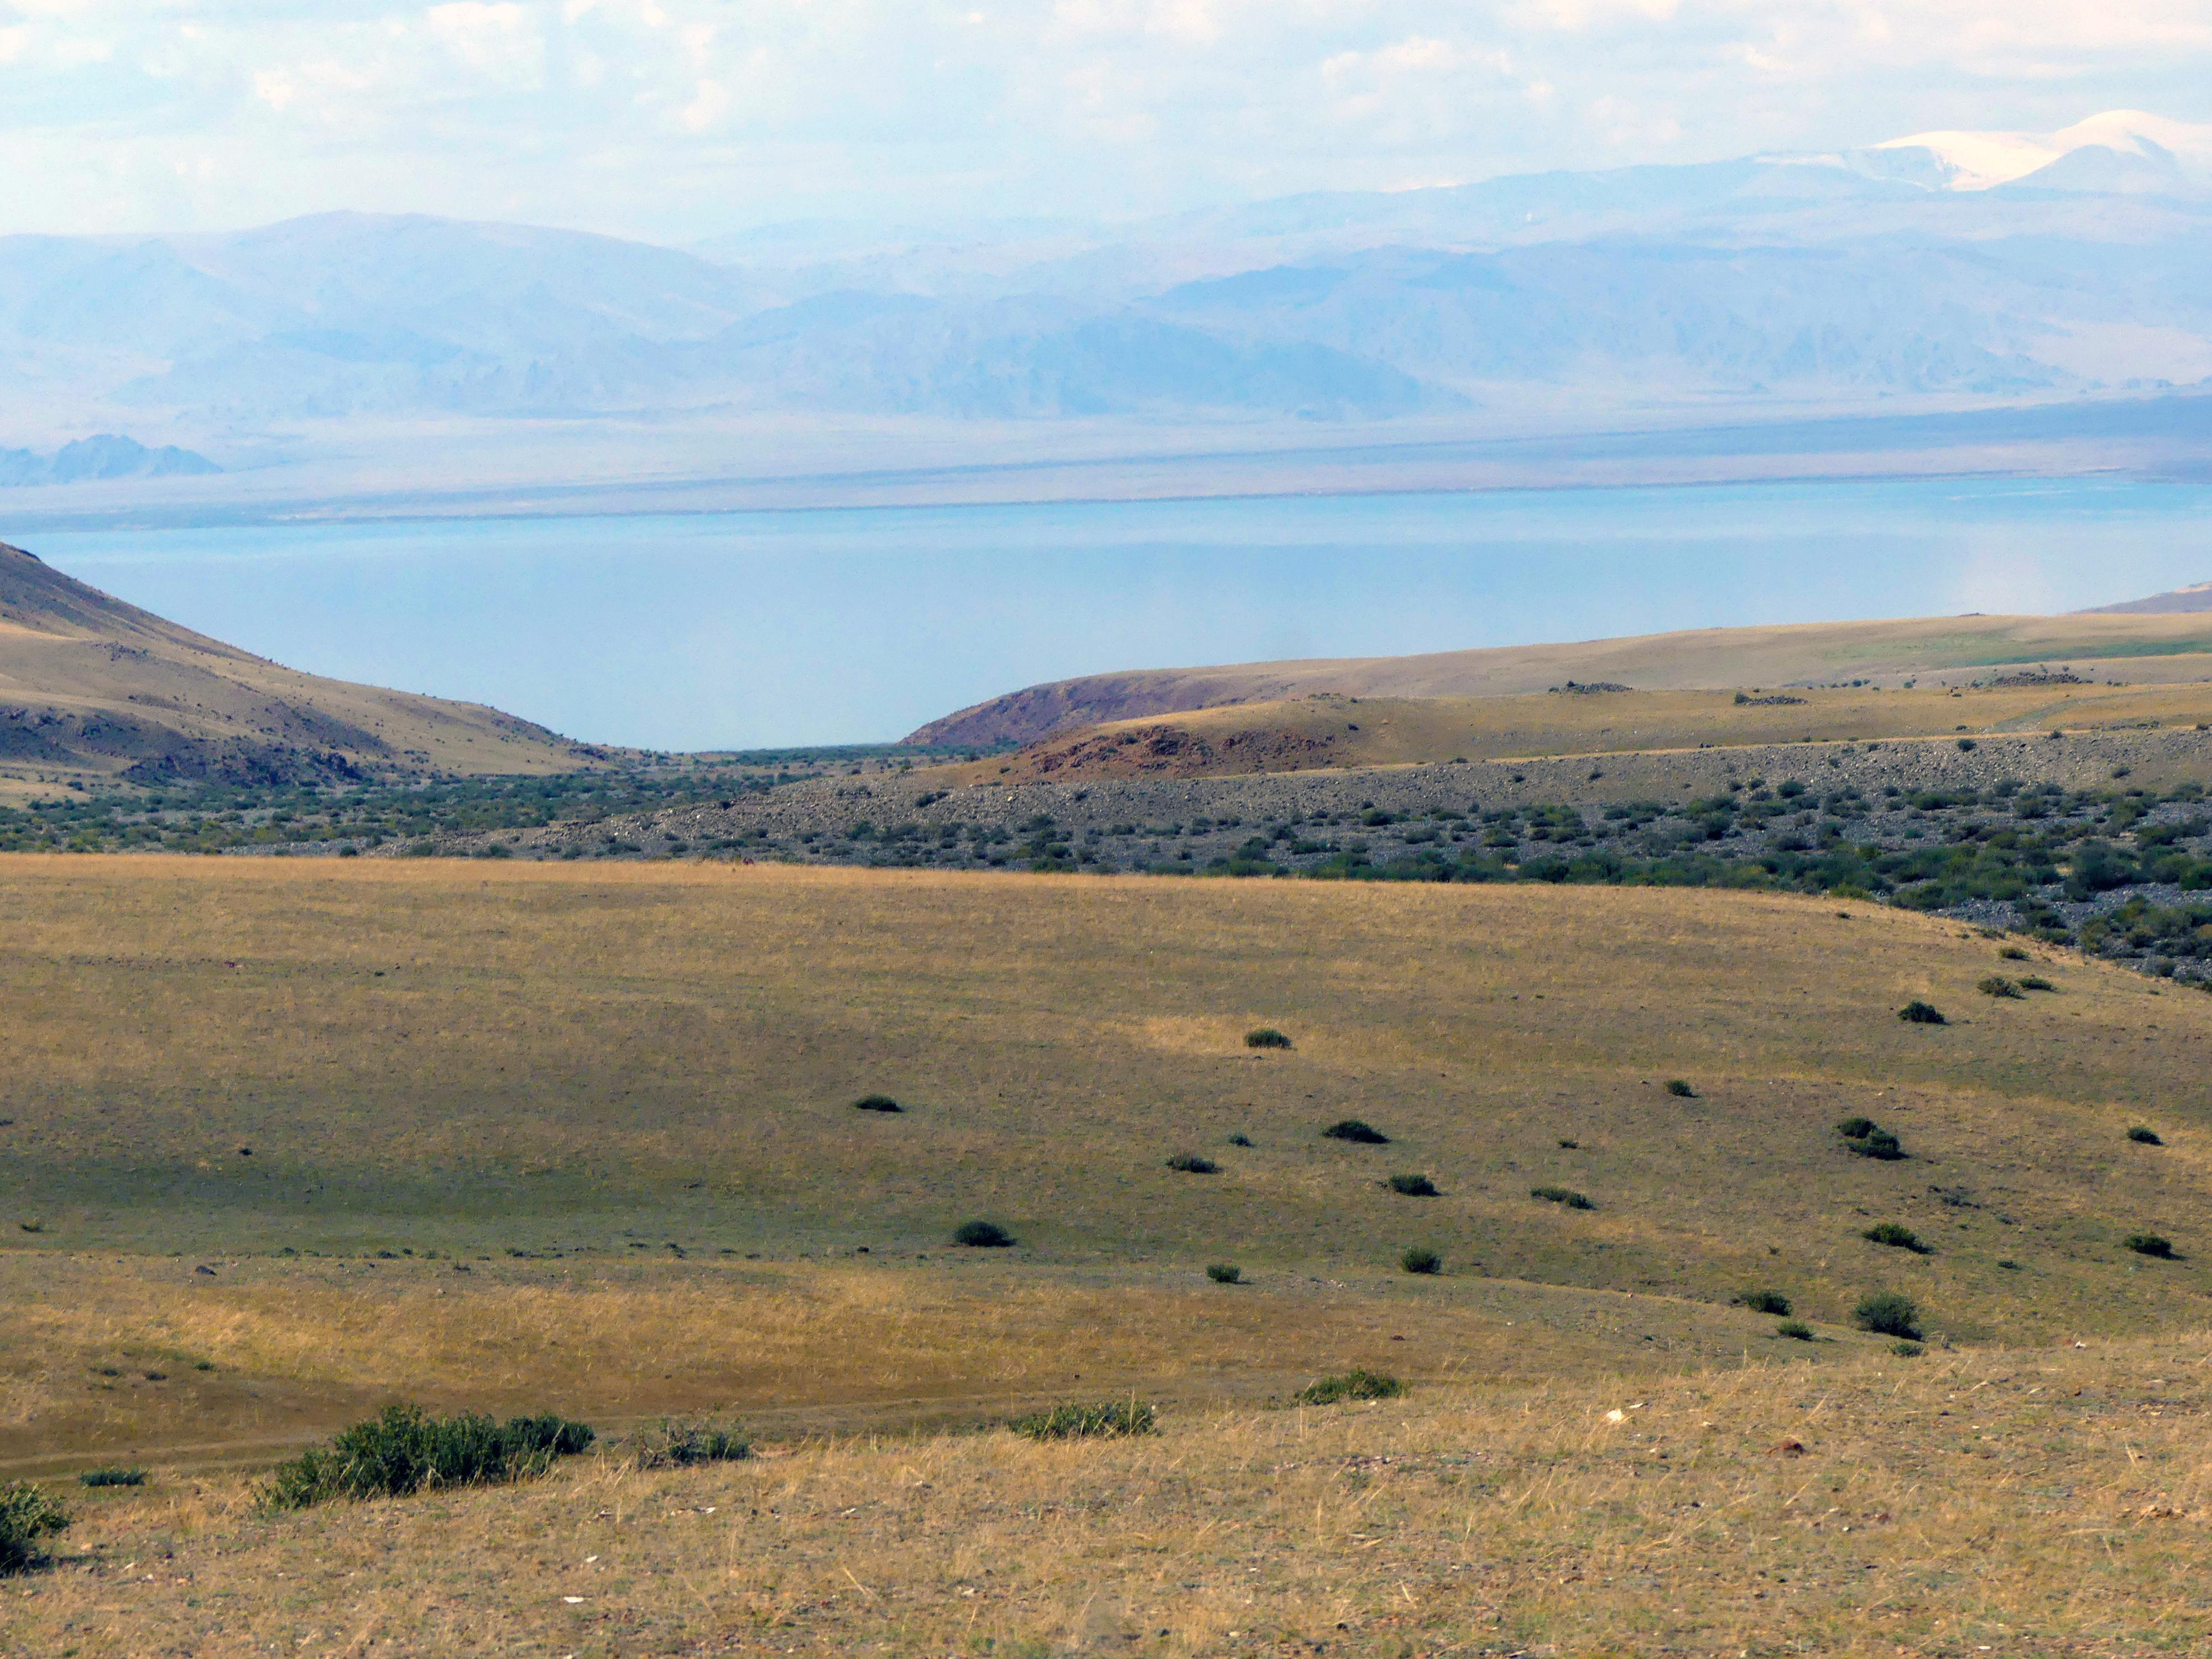 la perle de Mongolie : un petit lac inconnu du public mais absolument magnifique